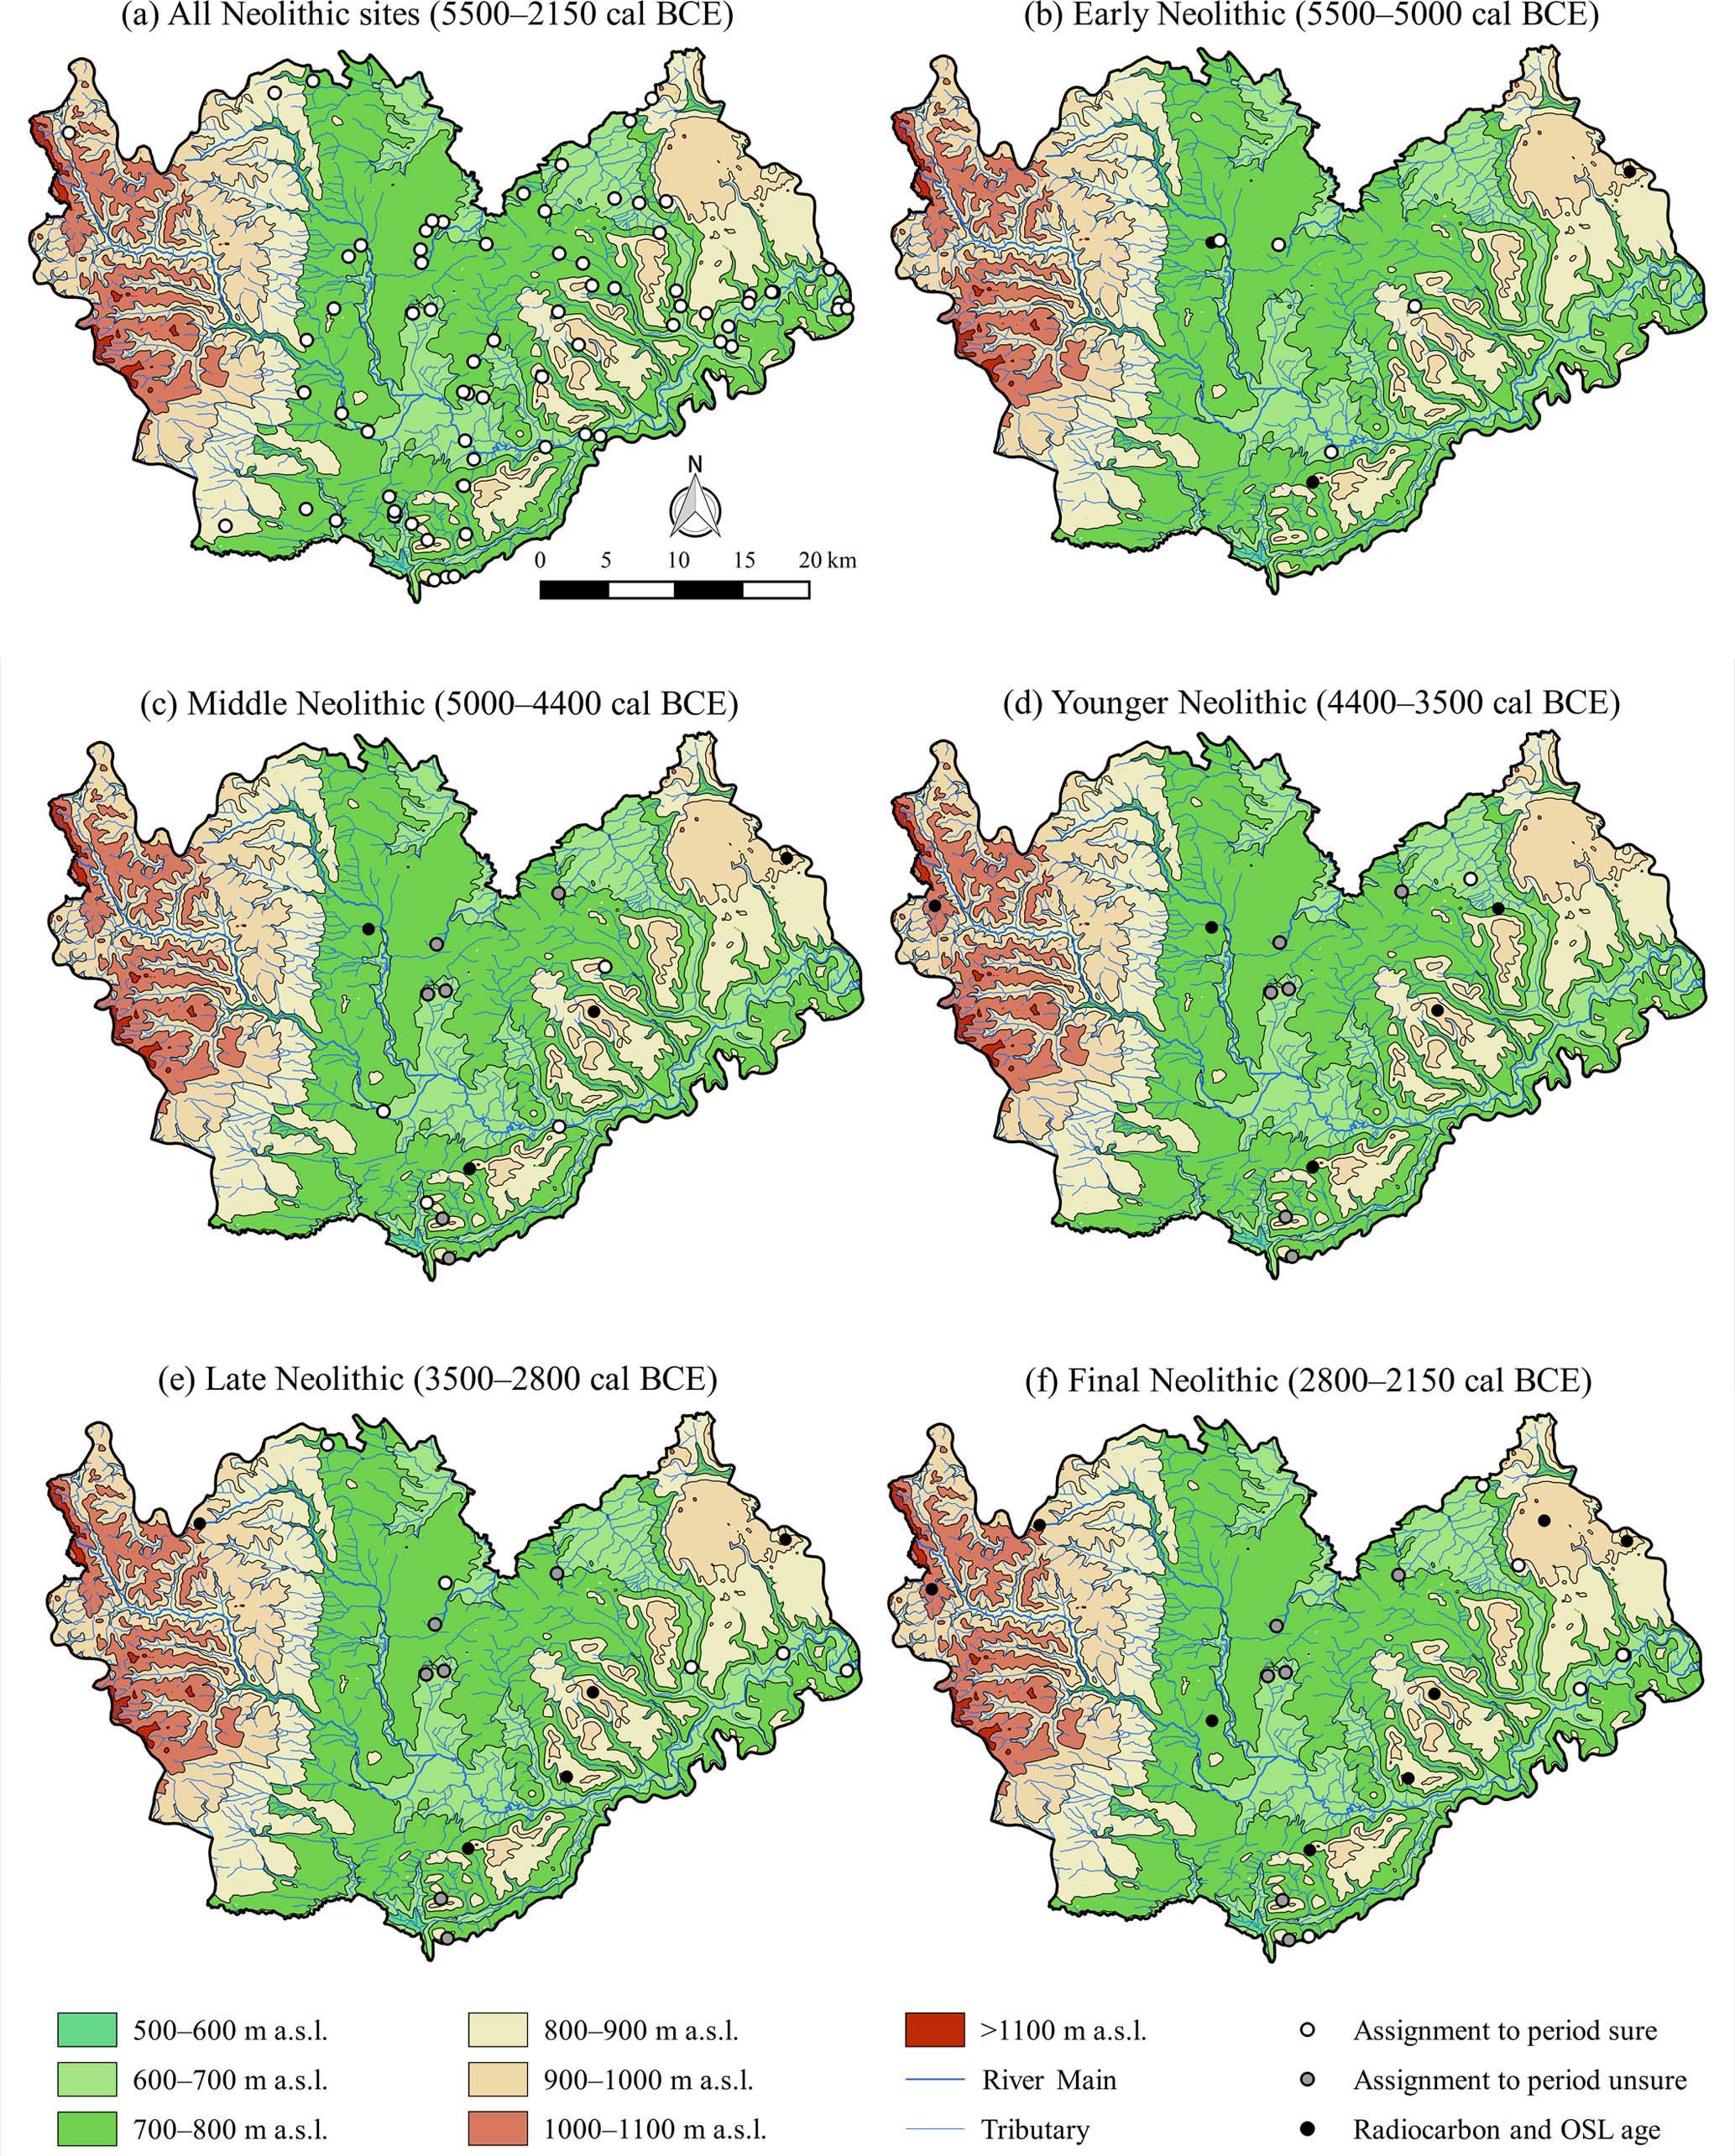 EGQSJ - Neolithic settlement dynamics derived from archaeological